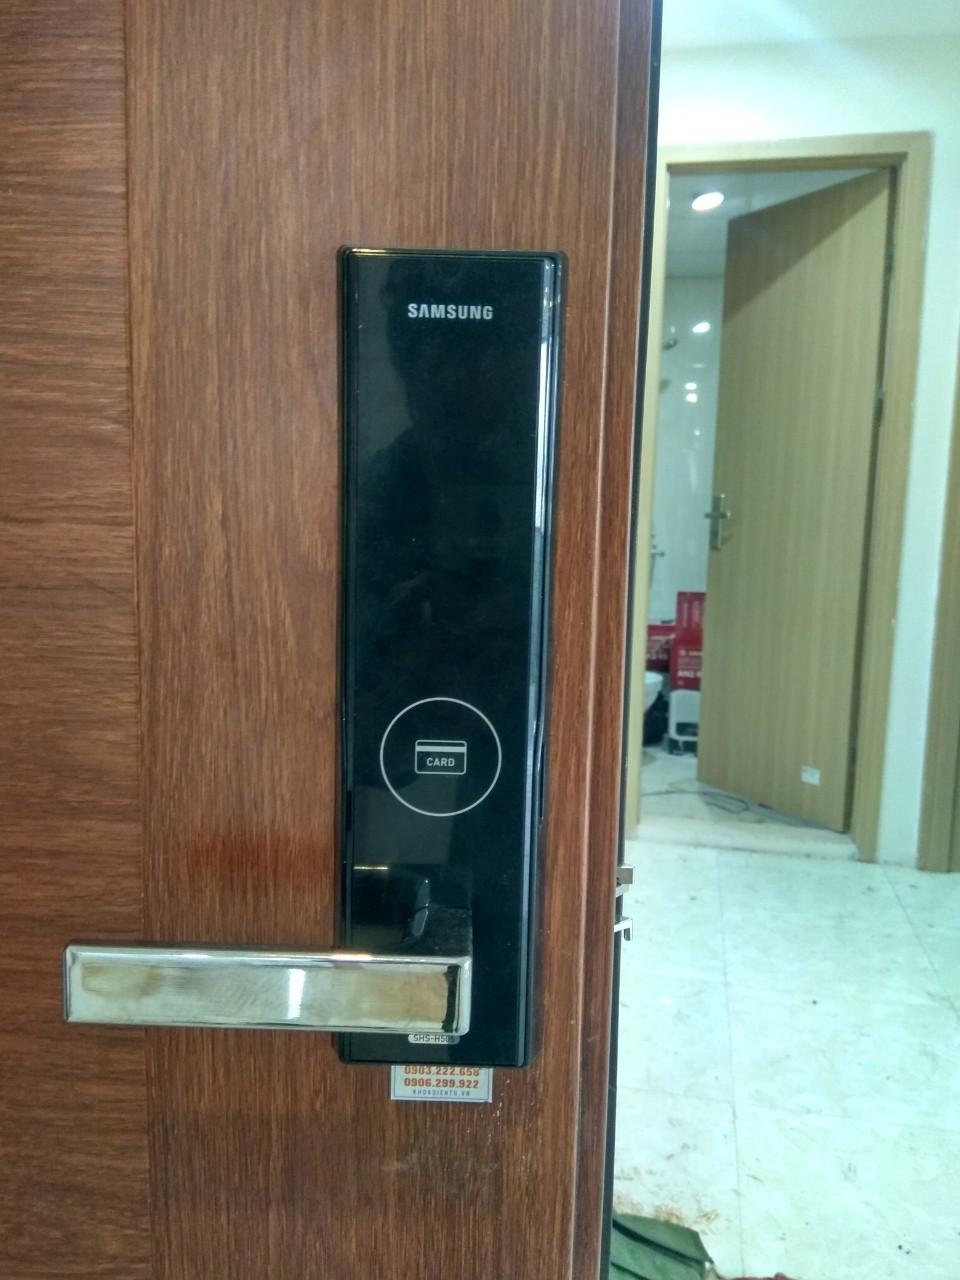 Lắp đặt khóa điện tử Samsung tại căn hộ Q.Tân Bình tháng 5.2019